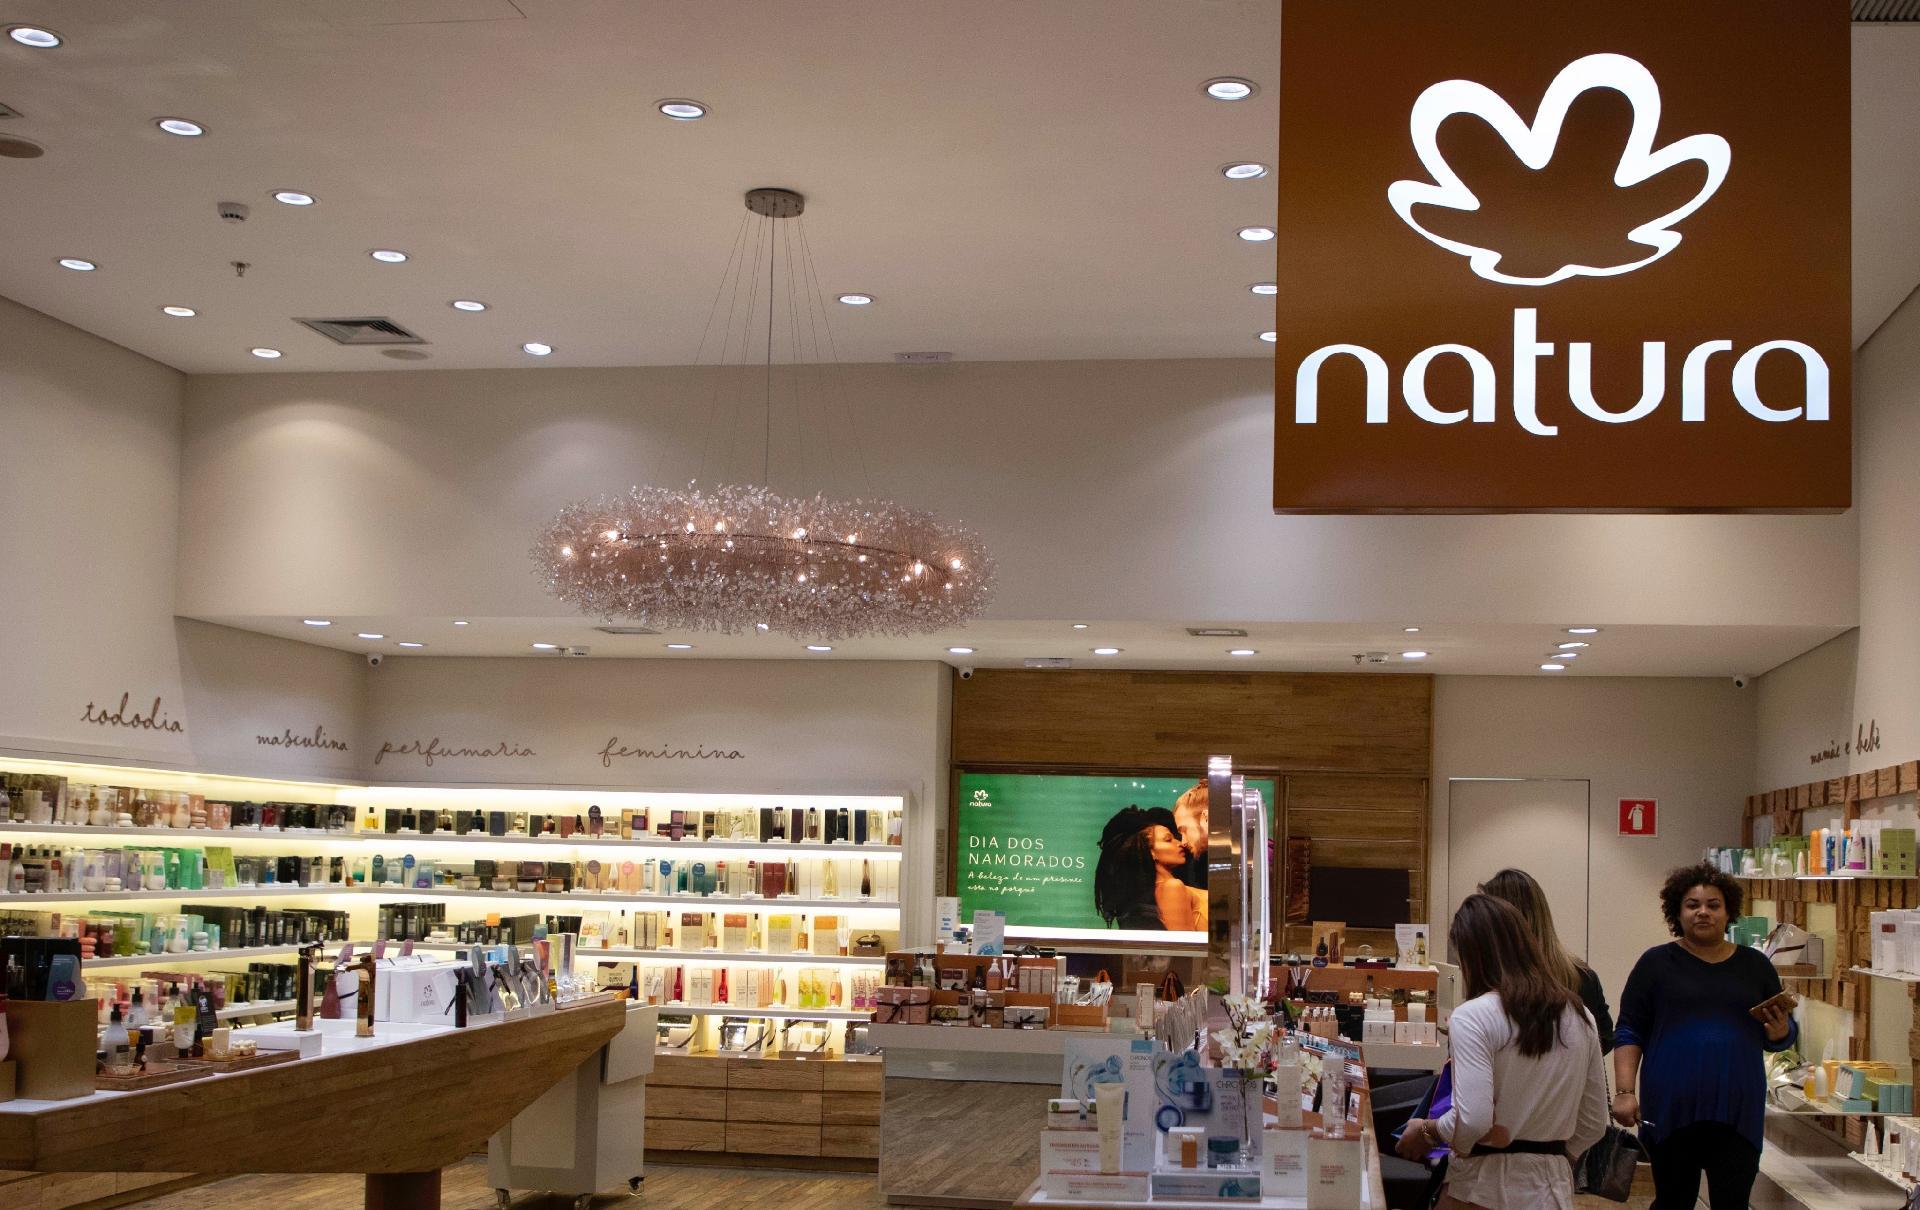 ada8371f90 A história e as estratégias da Natura, empresa brasileira que comprou a  Avon - 23/05/2019 - UOL Economia